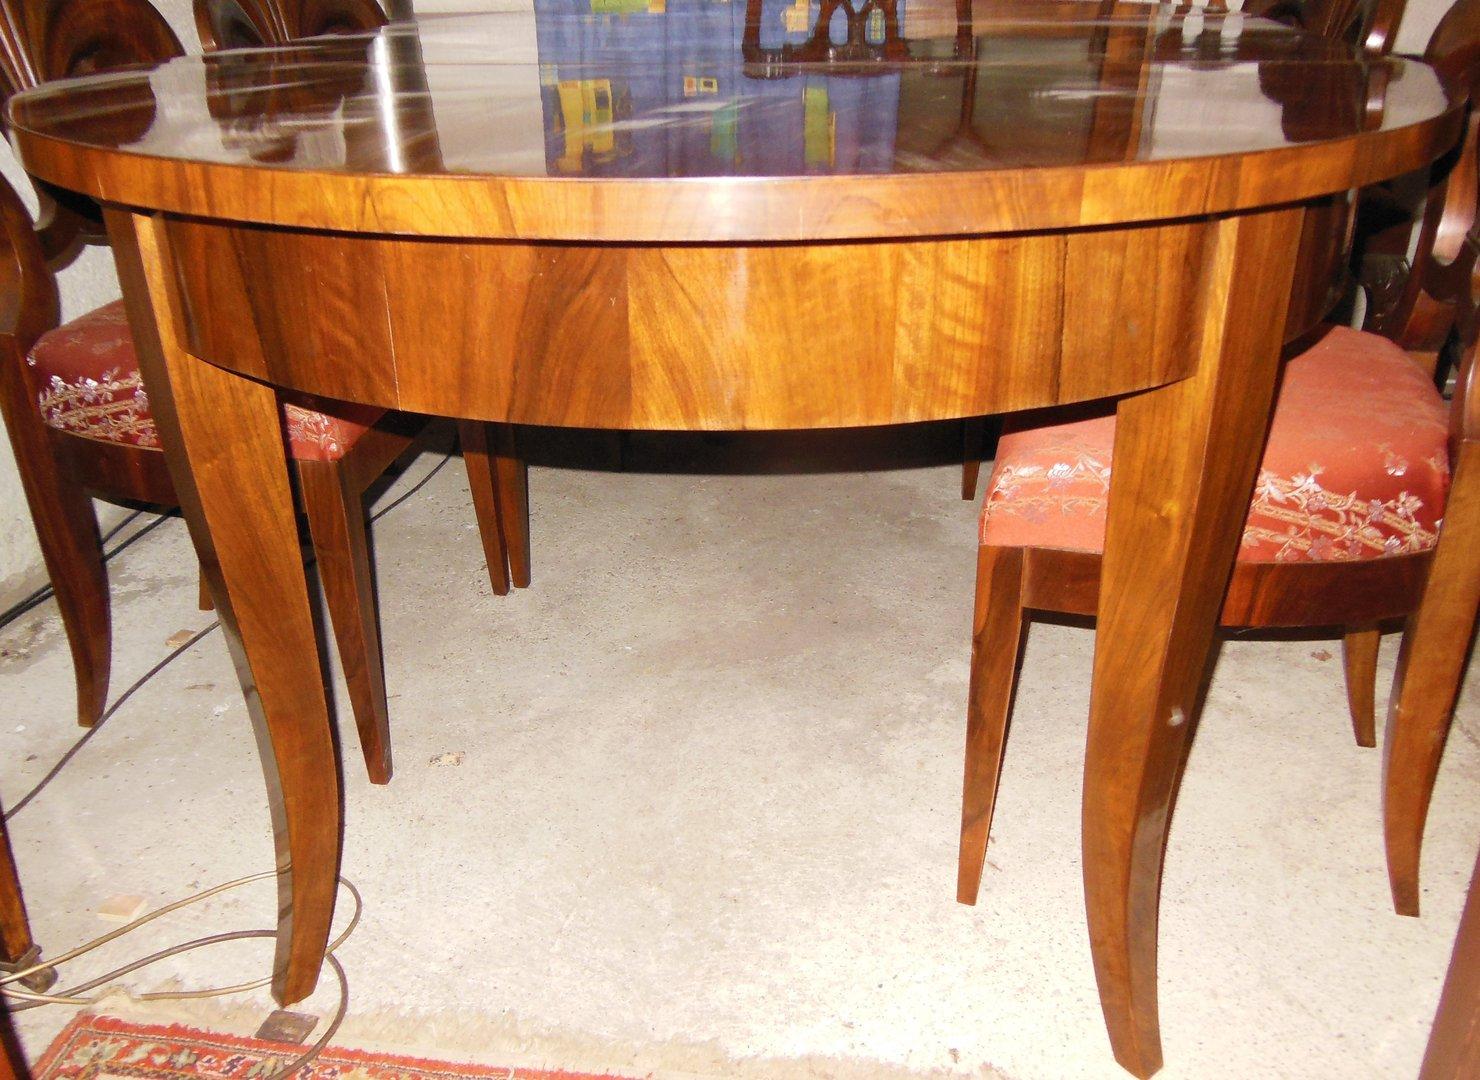 biedermeier art tisch nussbaumwurzelfurniert beste qualit t mit 2 einlegeplatten antik m bel. Black Bedroom Furniture Sets. Home Design Ideas